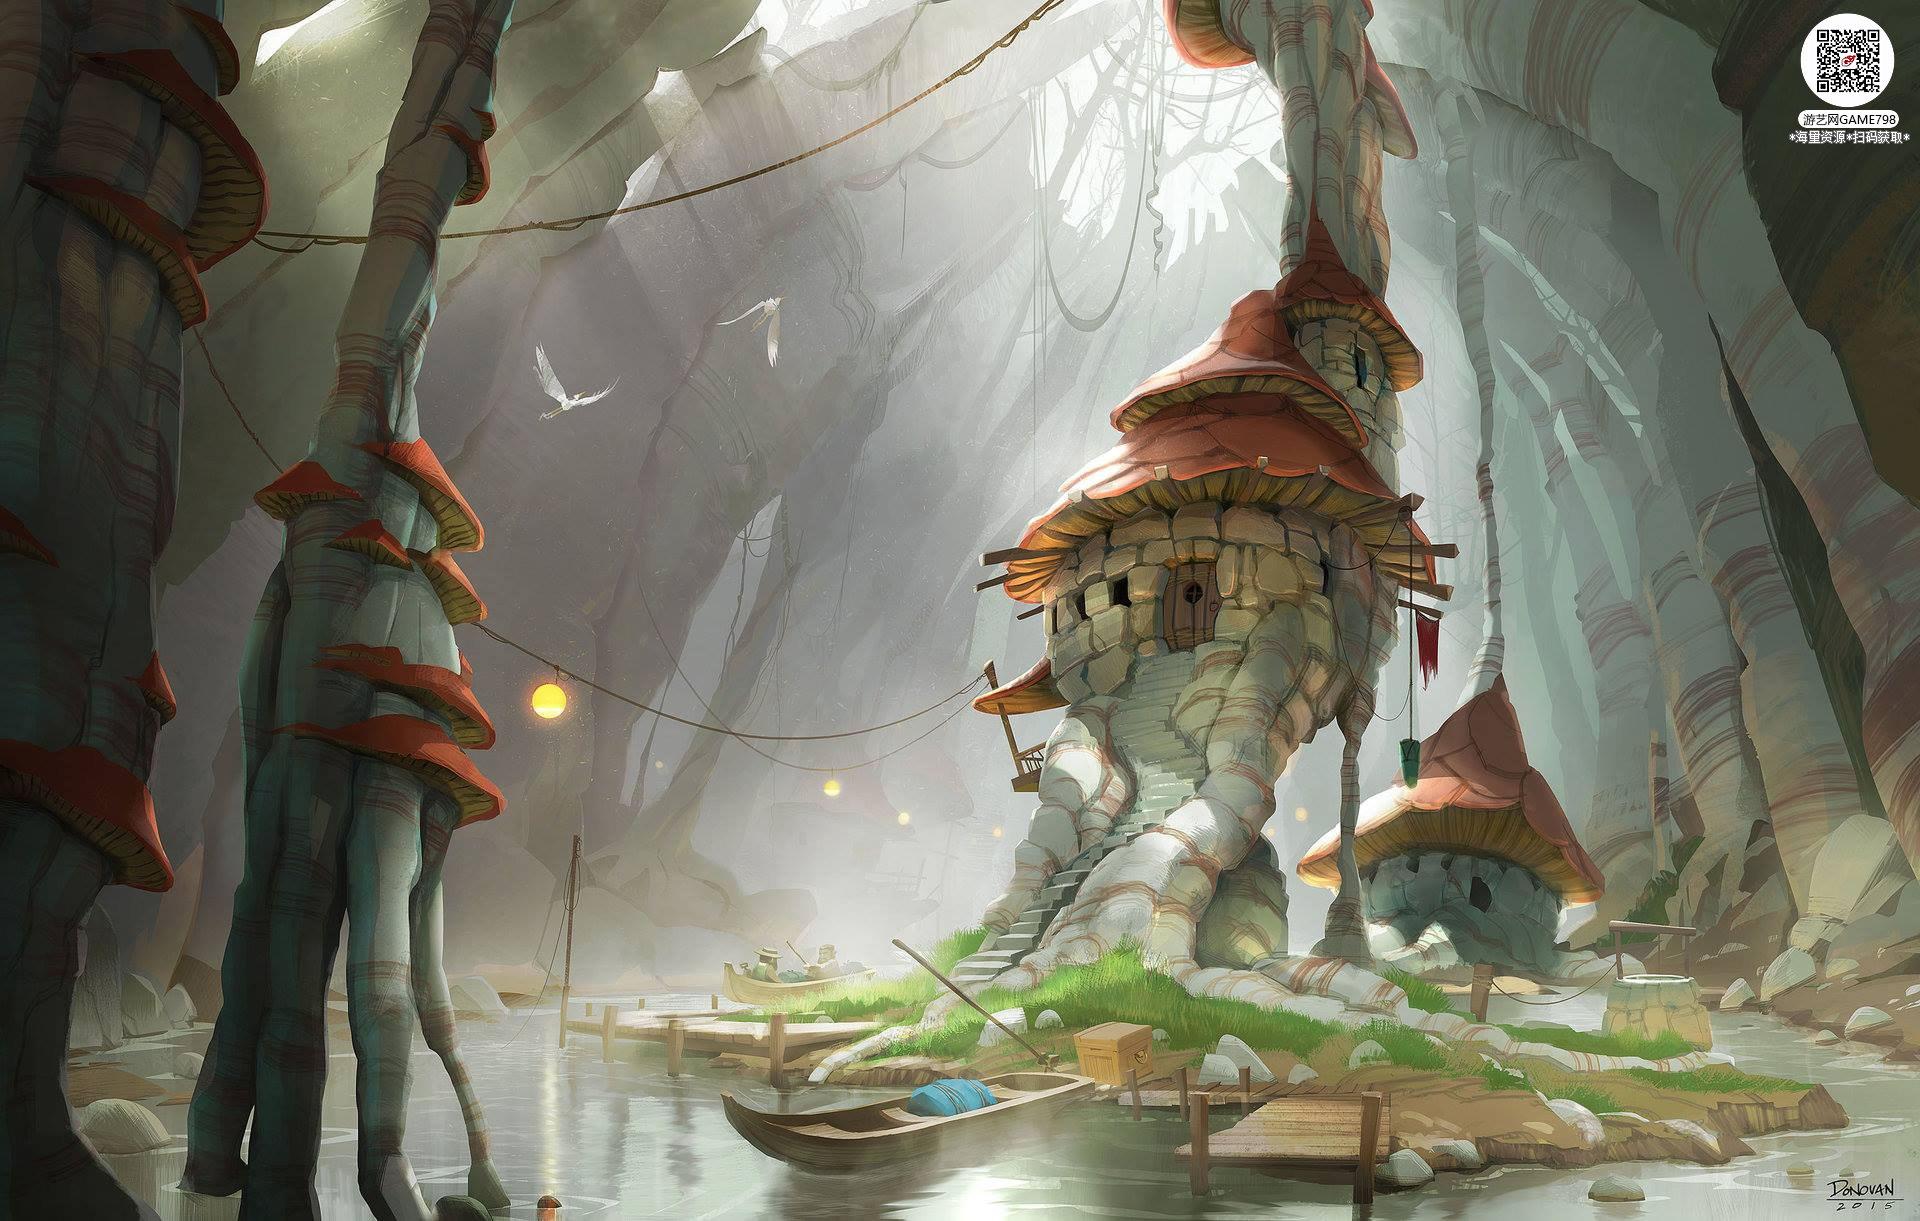 051_关注游艺网公众号获海量资源_风格独特的原画概念设定Q版卡通风格异世界科幻风格设计.jpg